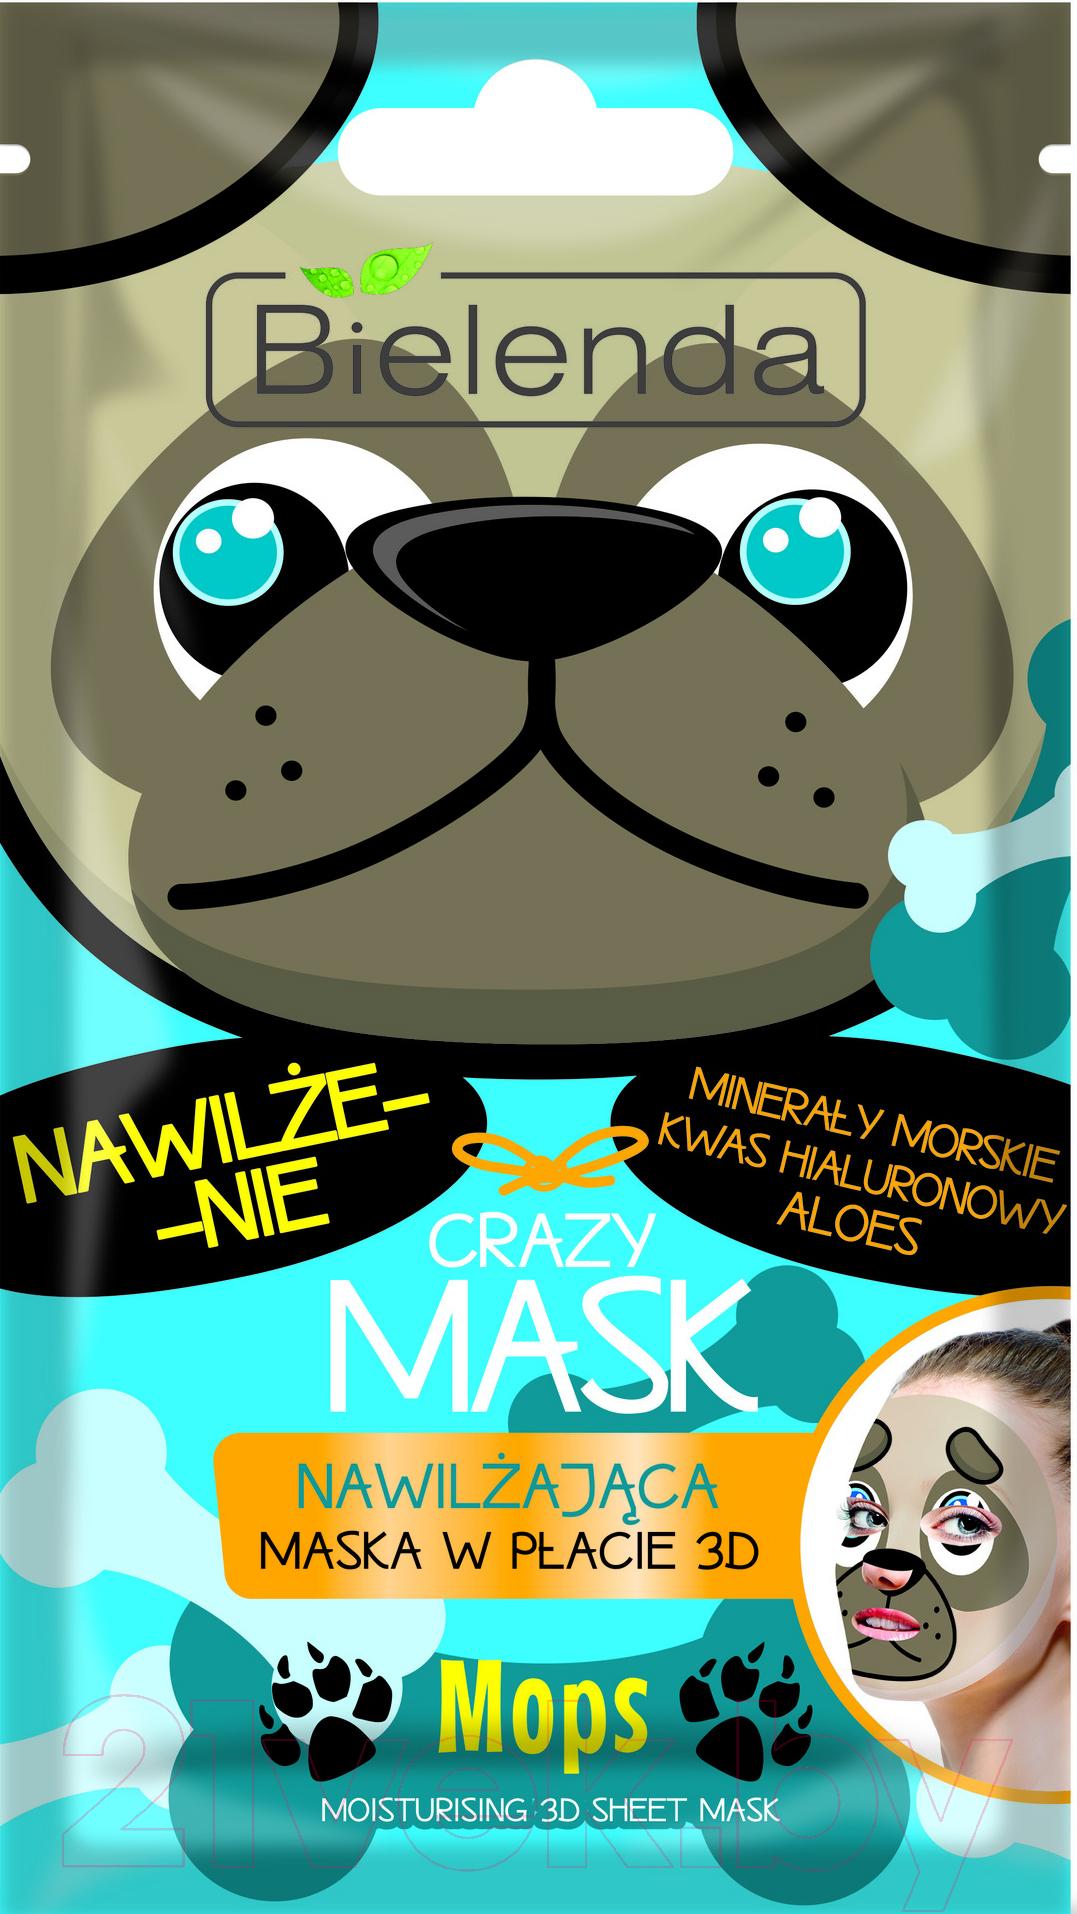 Купить Маска для лица тканевая Bielenda, Crazy Mask Мопс увлажняющая, Польша, Crazy Mask (Bielenda)